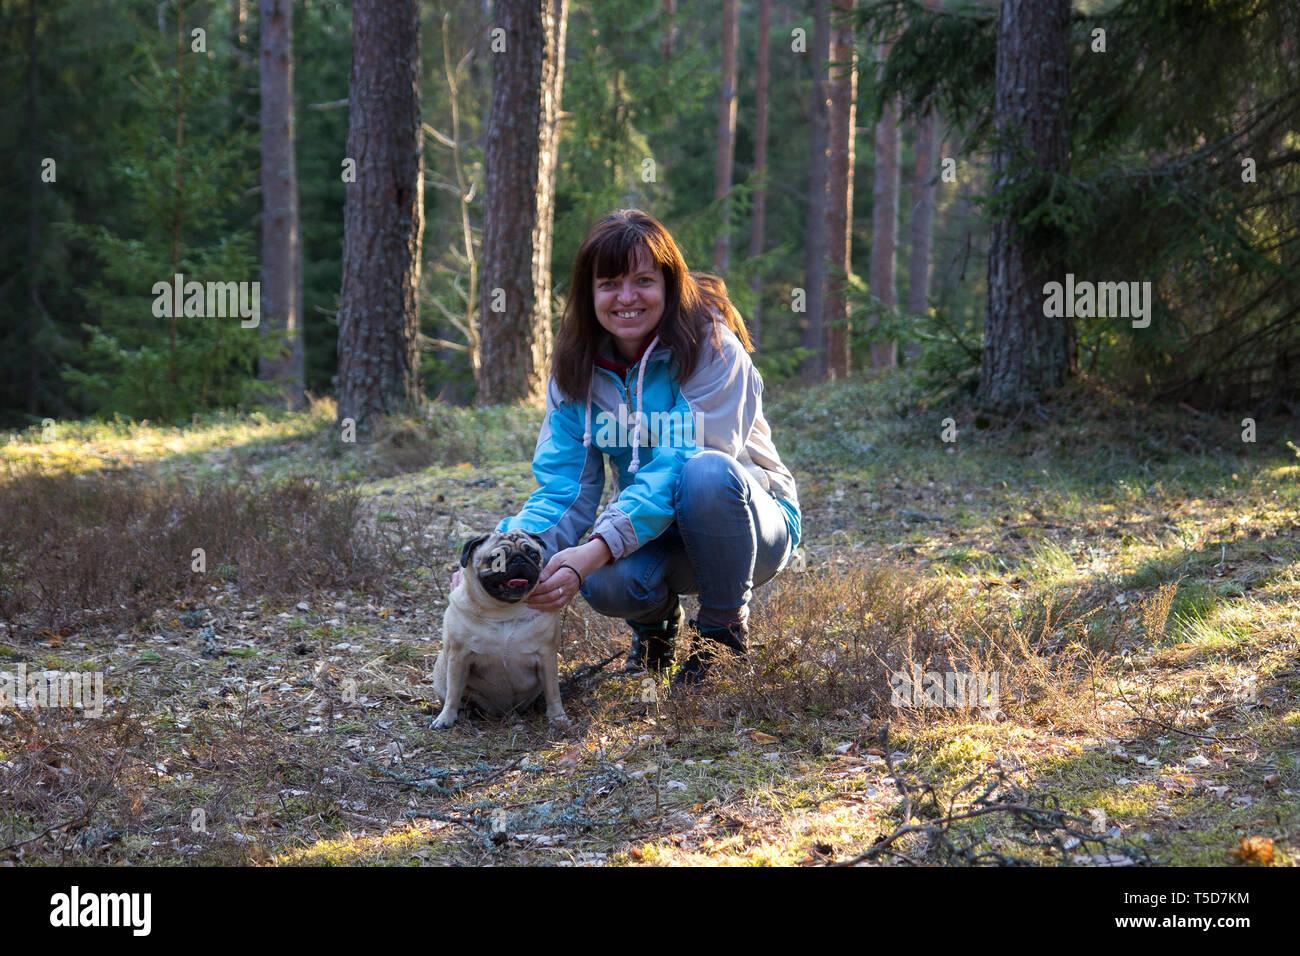 Woman with pug dog - Stock Image